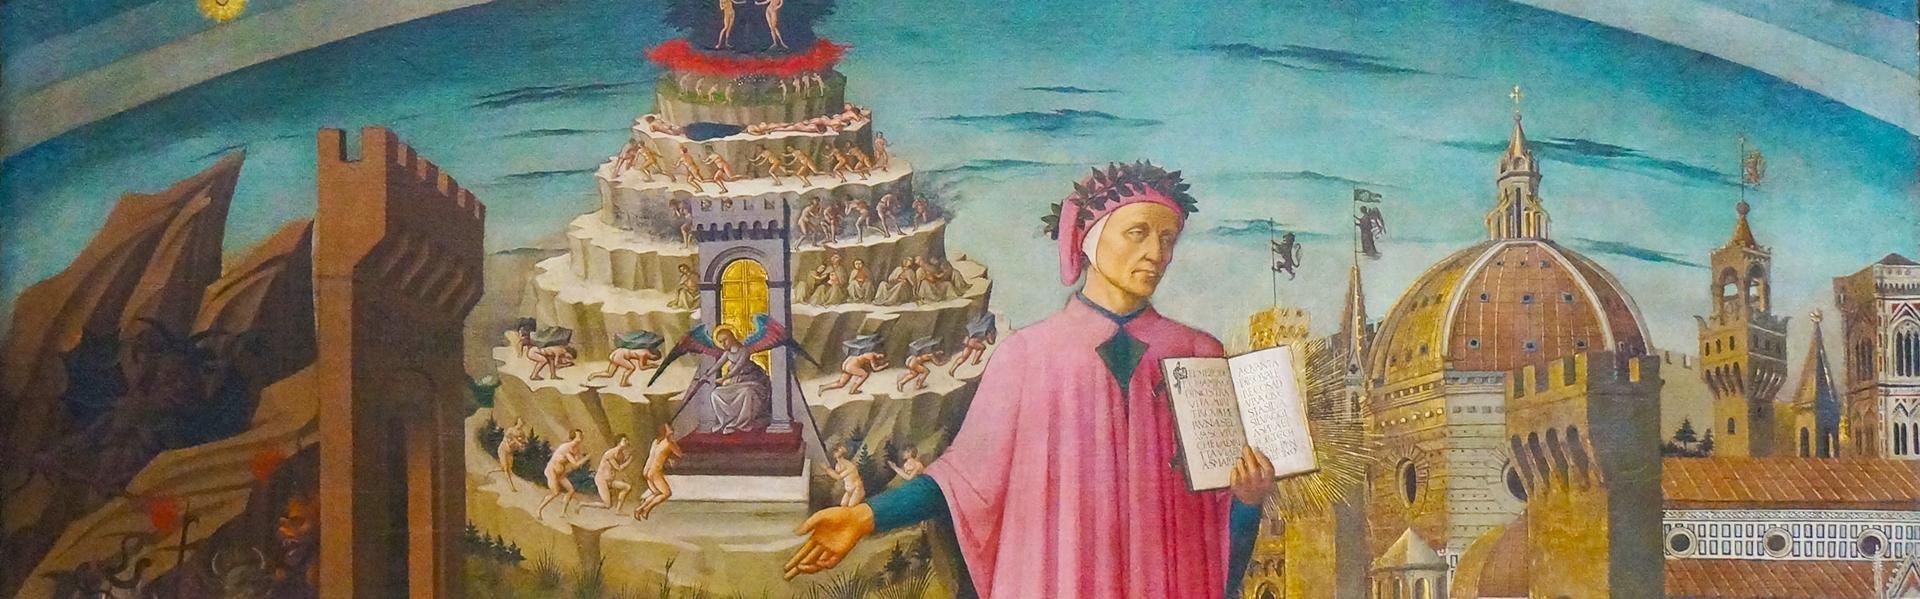 Fresco van Dante in de duomo in Florence, Italië